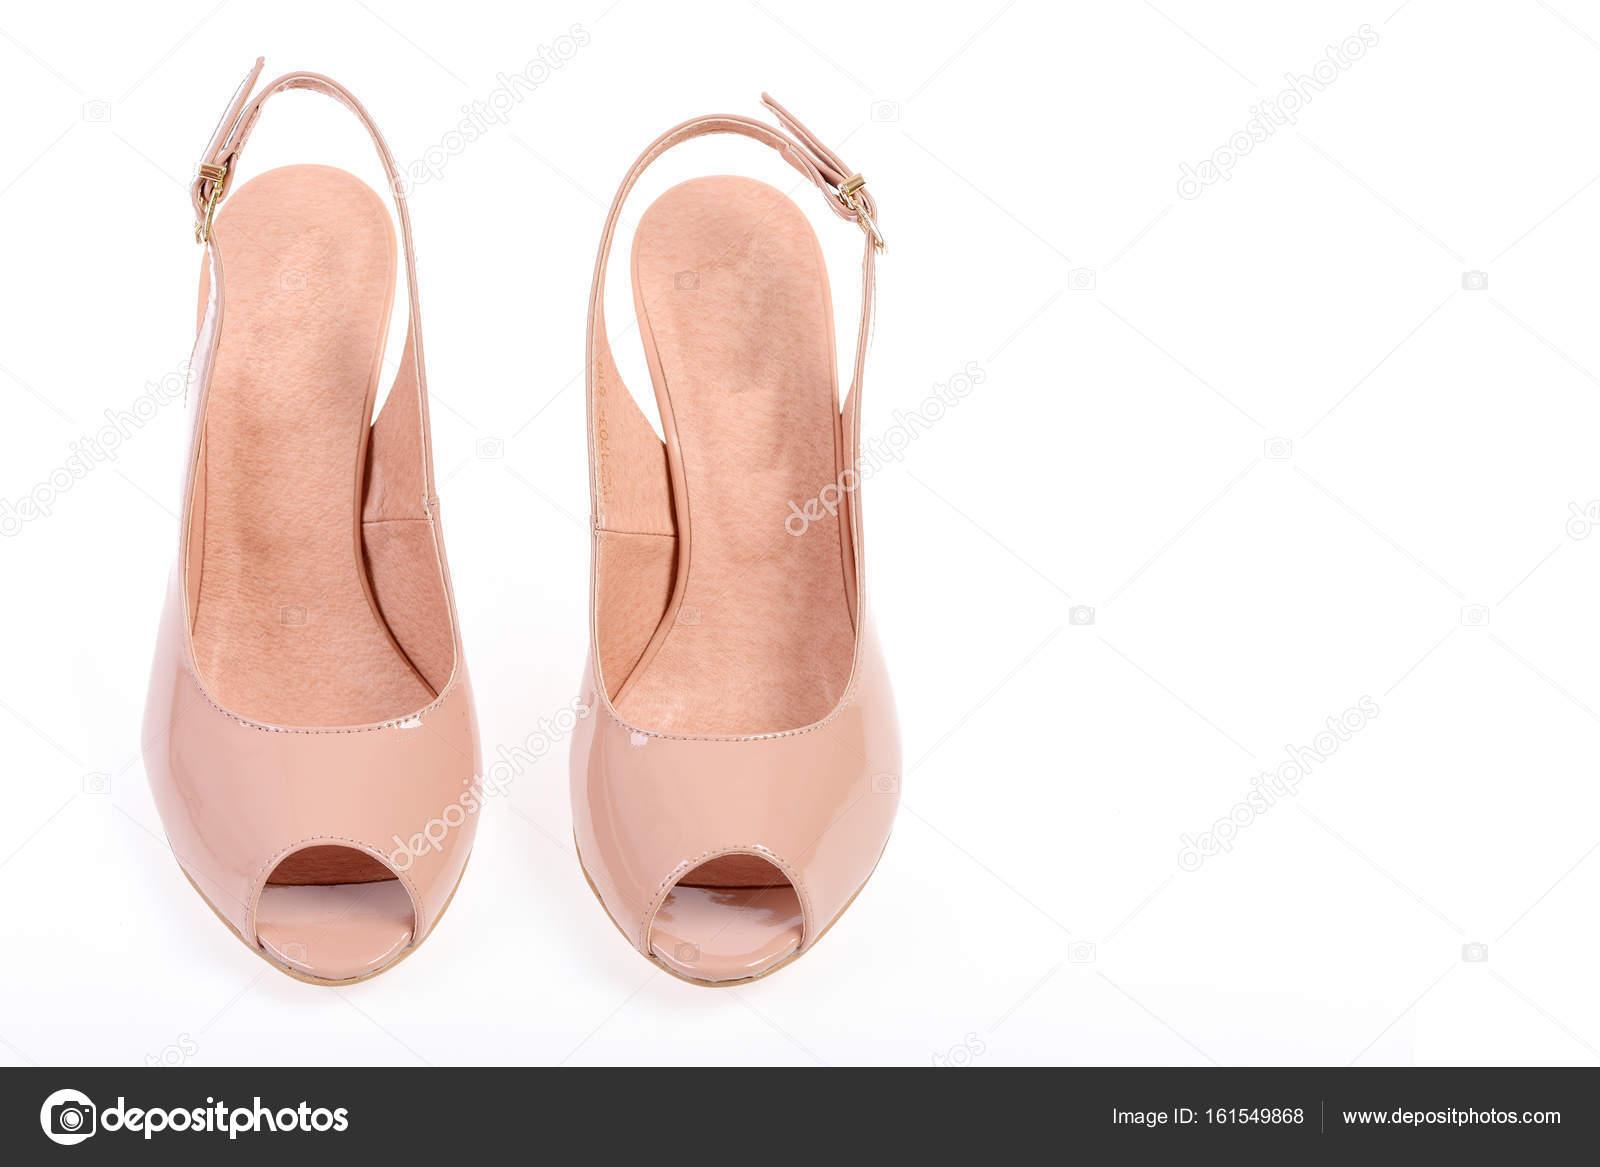 f29c0e74af8 Pár bot v růžové barvě. Letní doplňky  vysoký podpatek sandály. Dámské  lakové boty